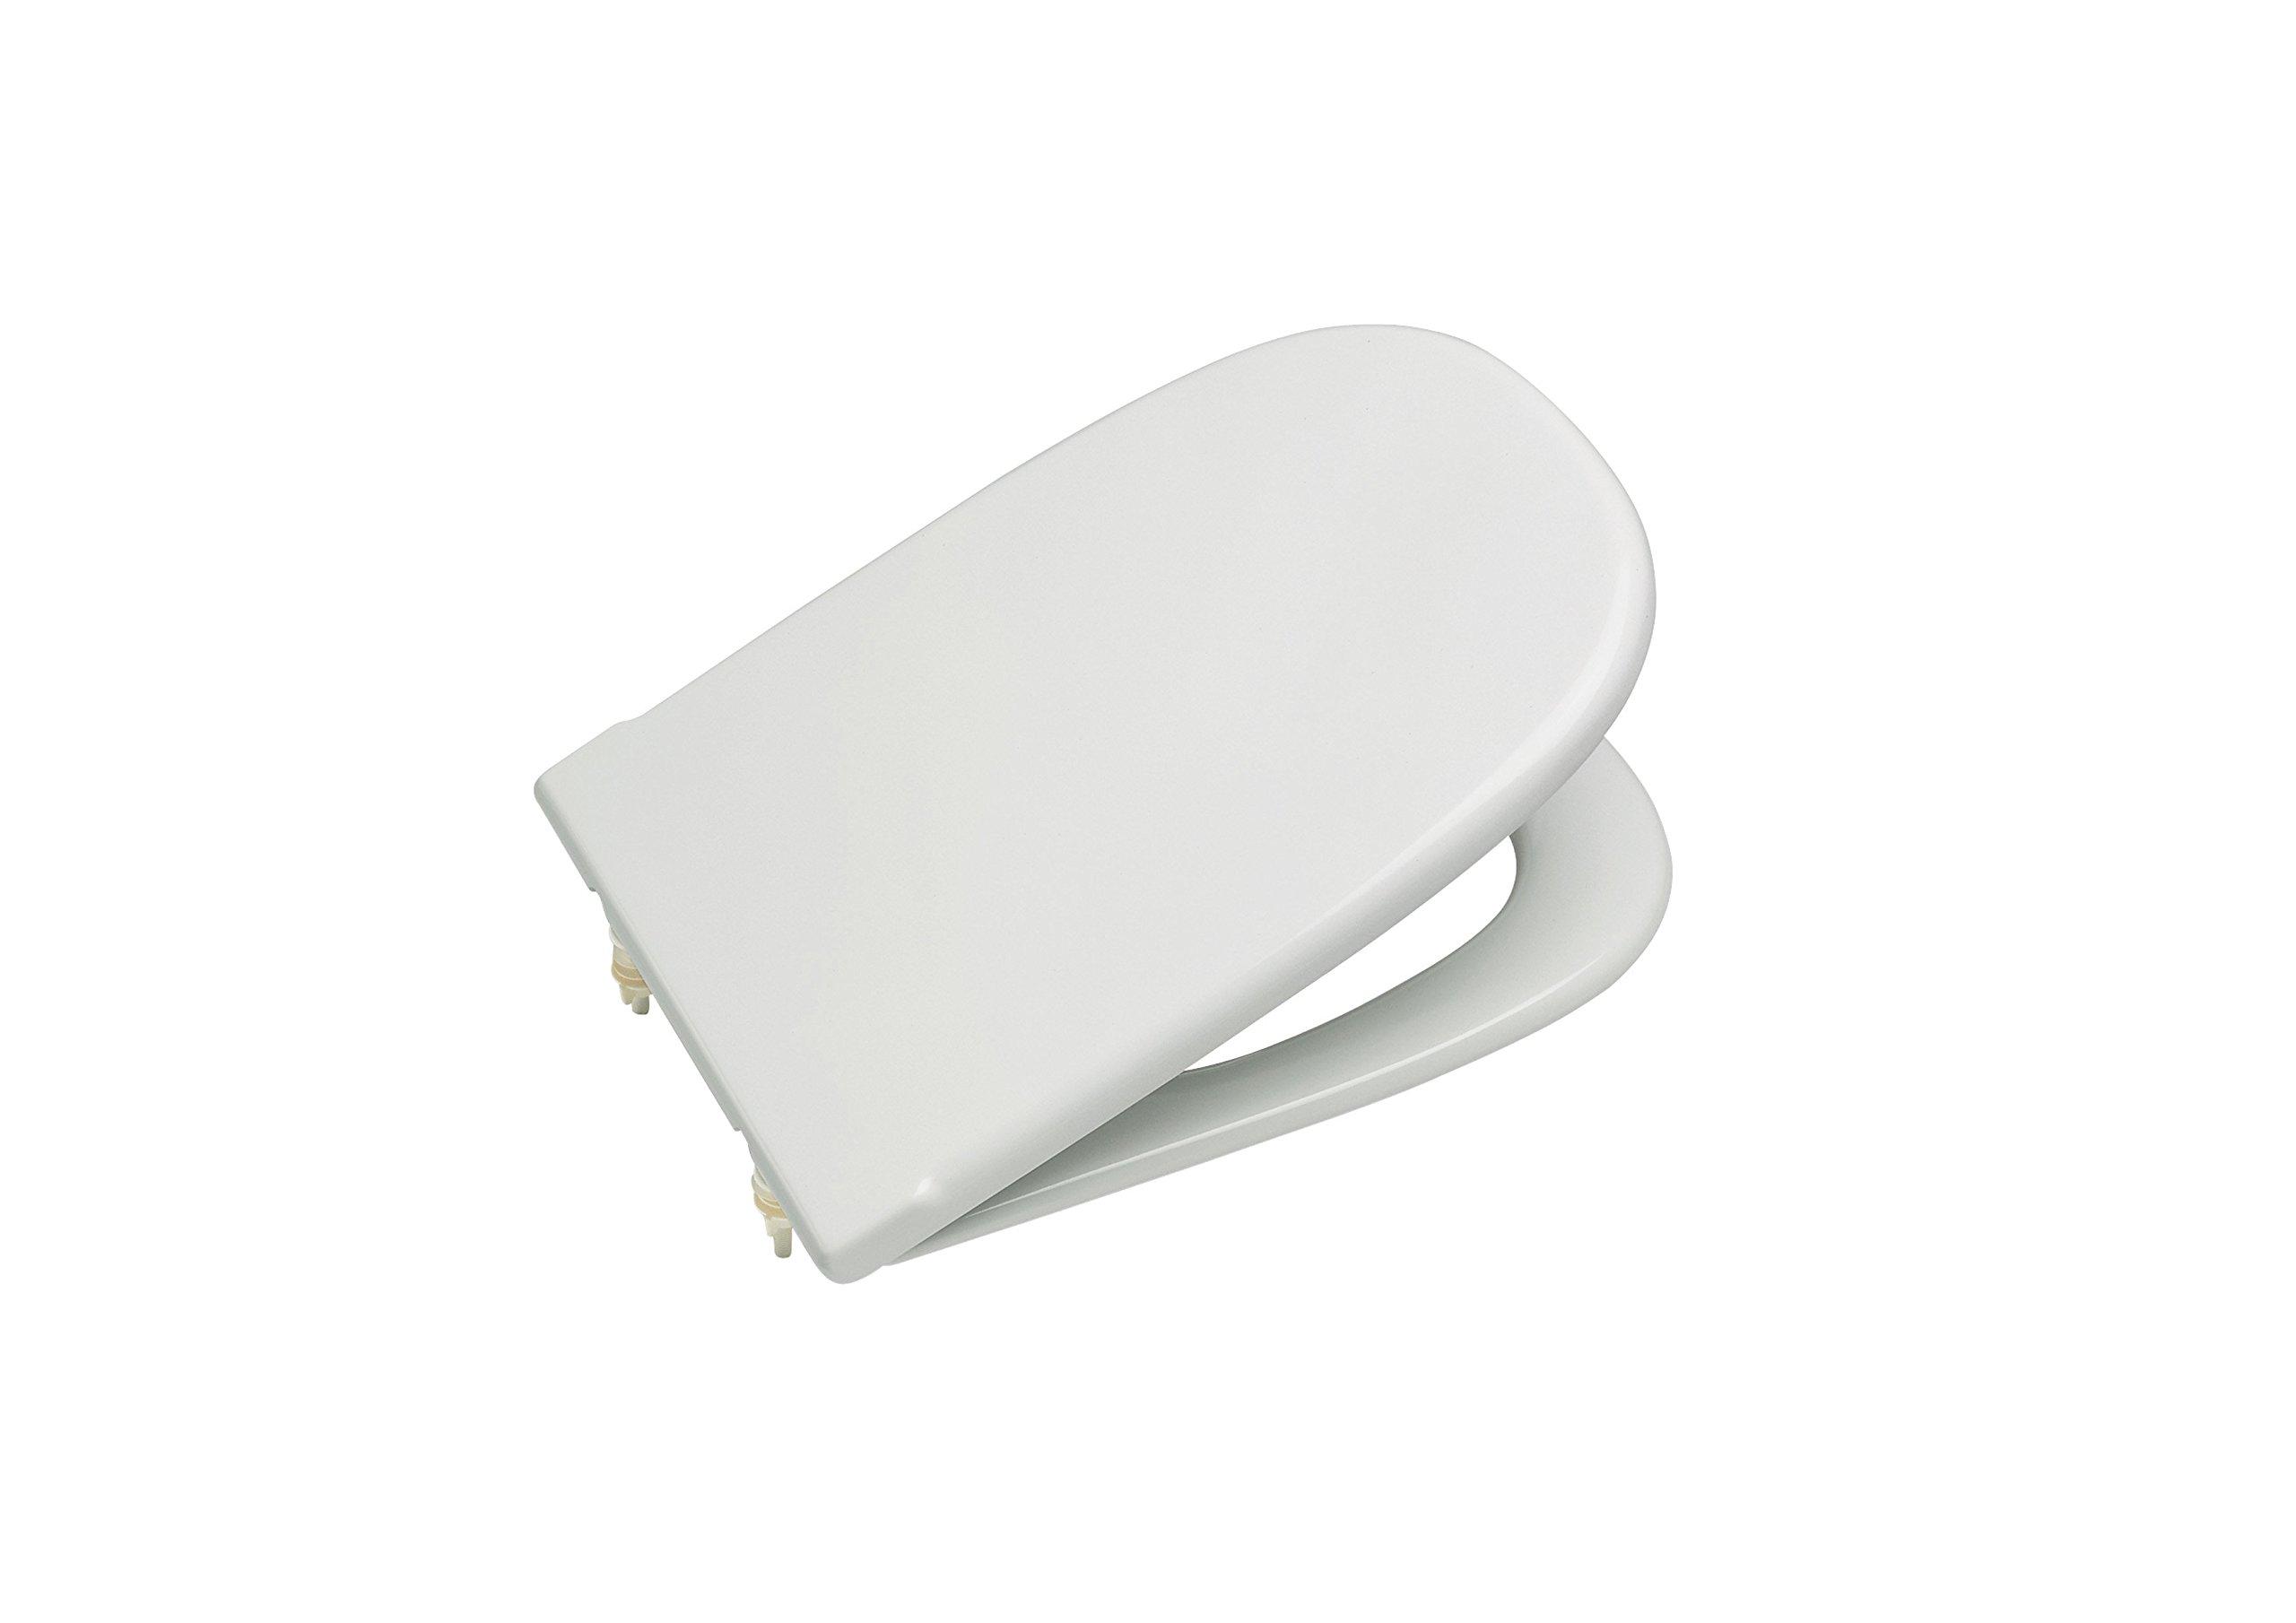 Roca Dama Retro A801327004 - Tapa y asiento para inodoro con bisagras extraíbles